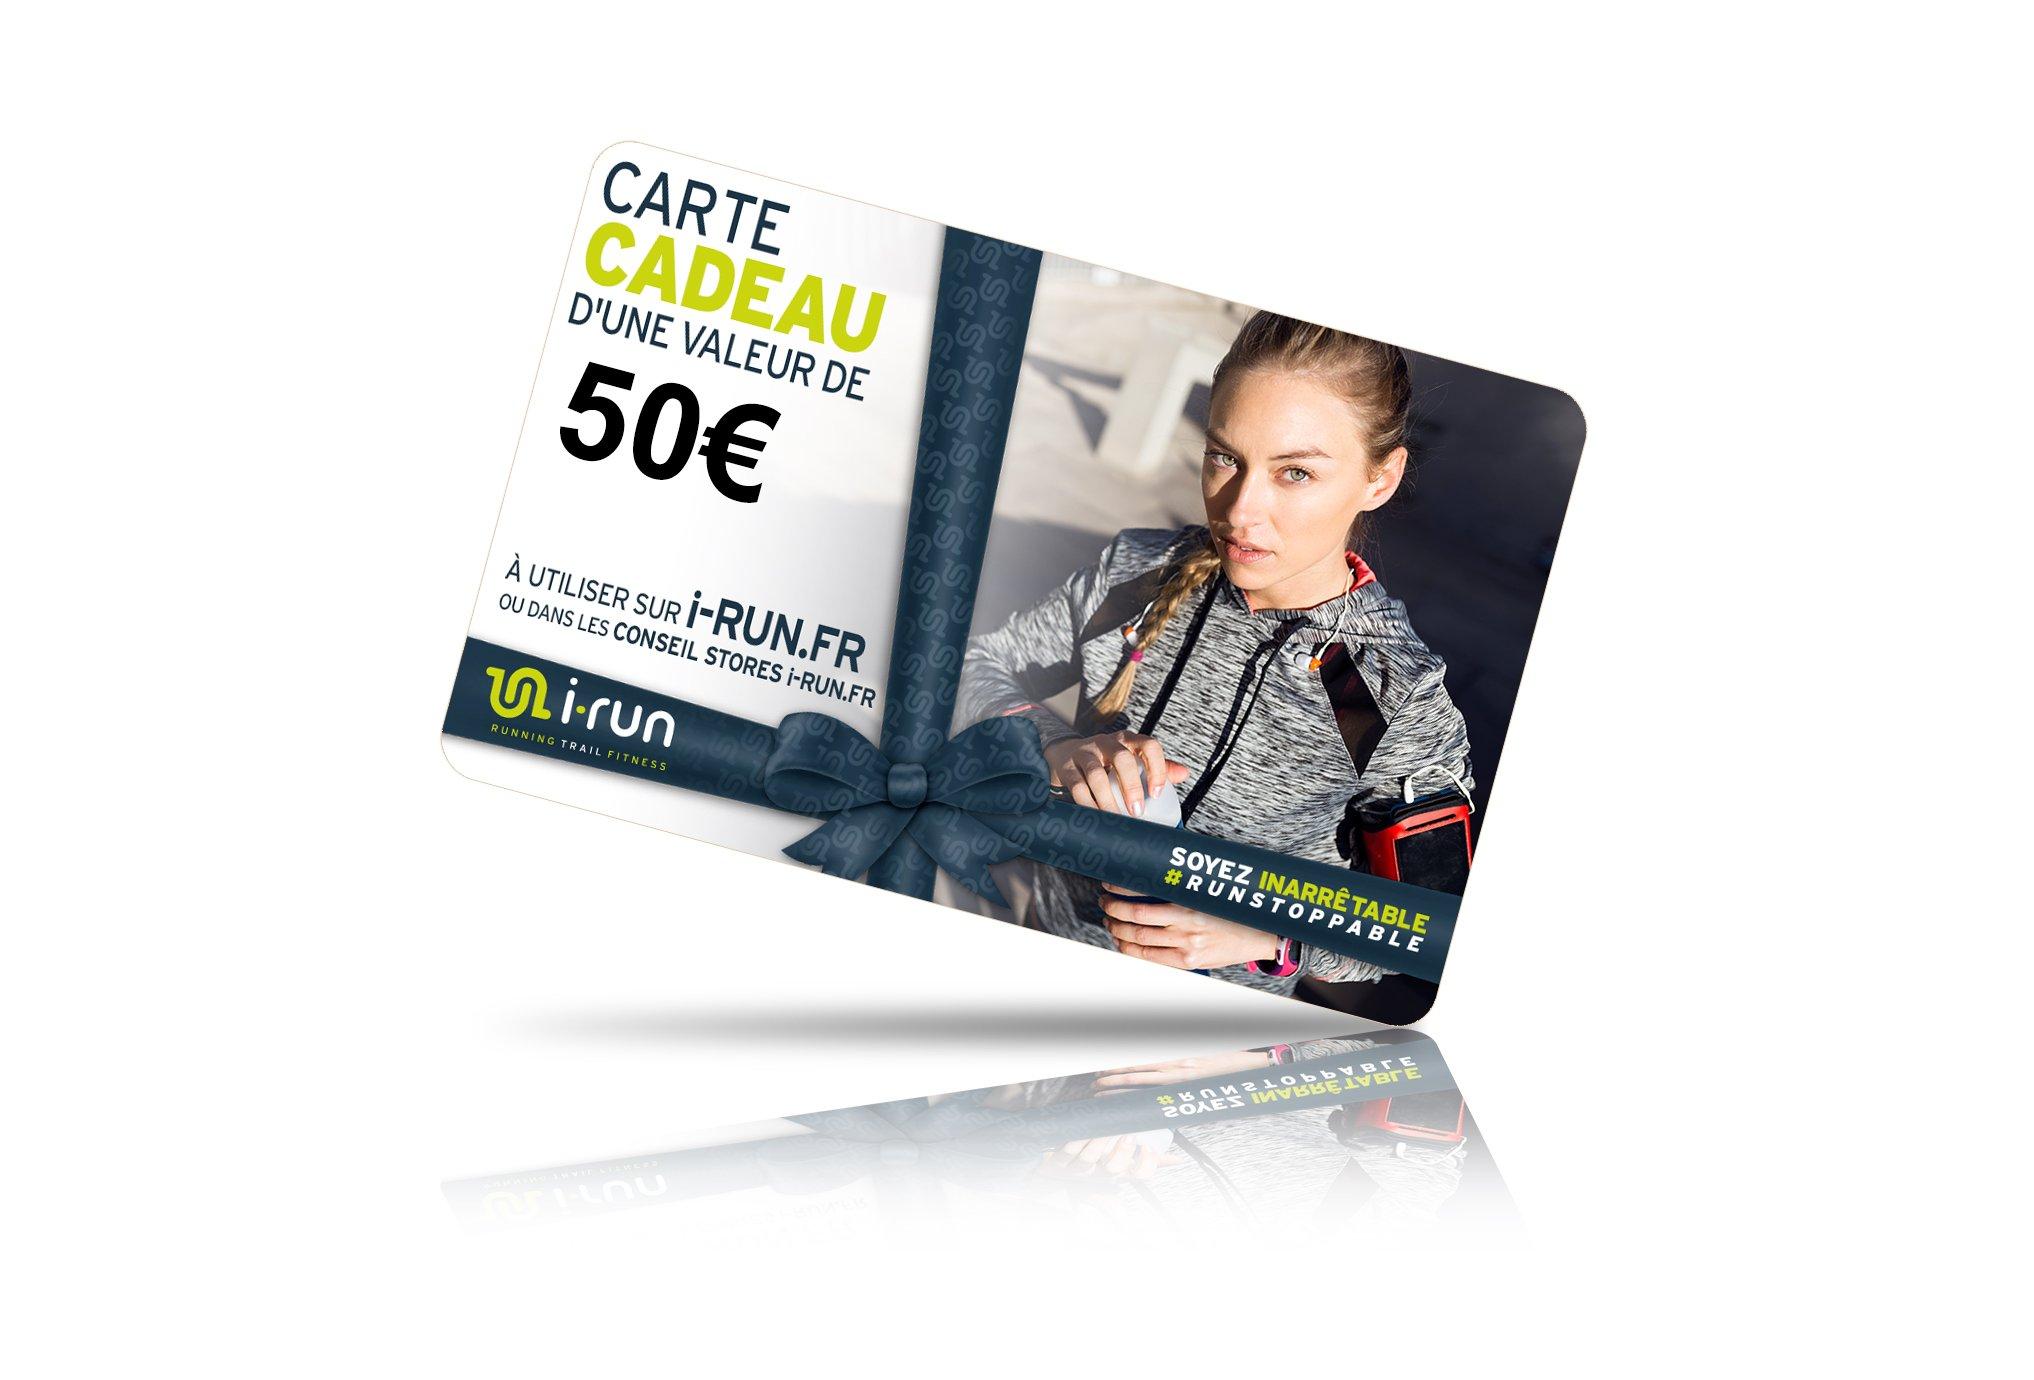 I-Run.Fr Carte cadeau 50 w cartes cadeau